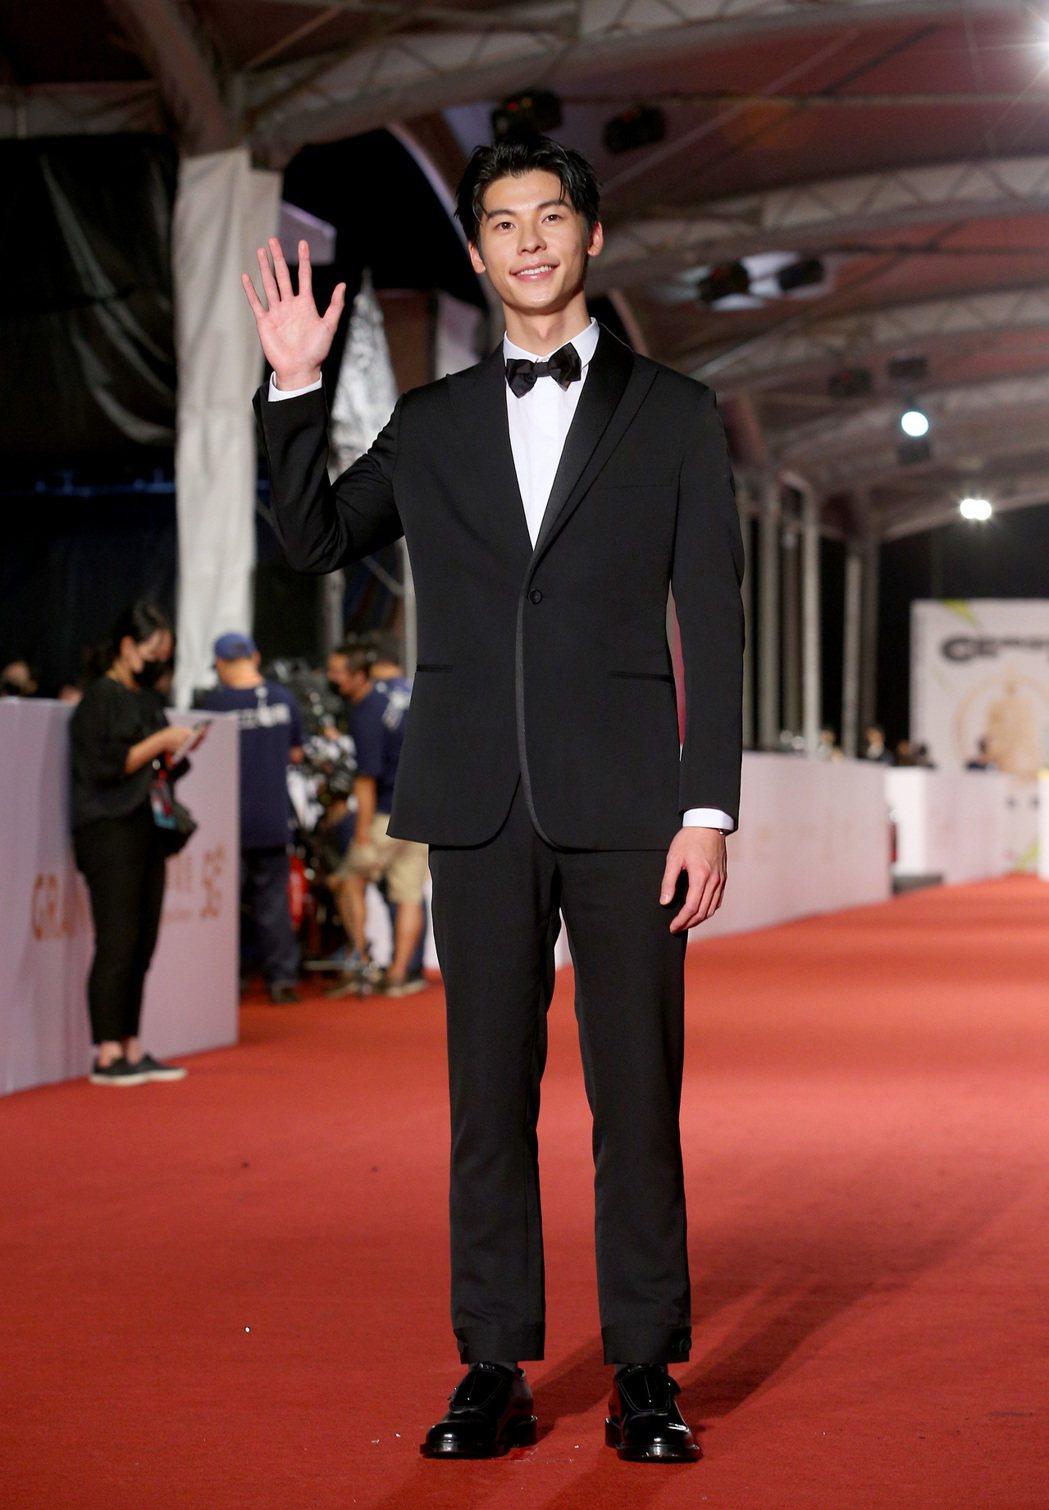 許光漢穿Dior黑色西裝及Dior黑色小牛皮德比孟克鞋,配戴Piaget腕表。記